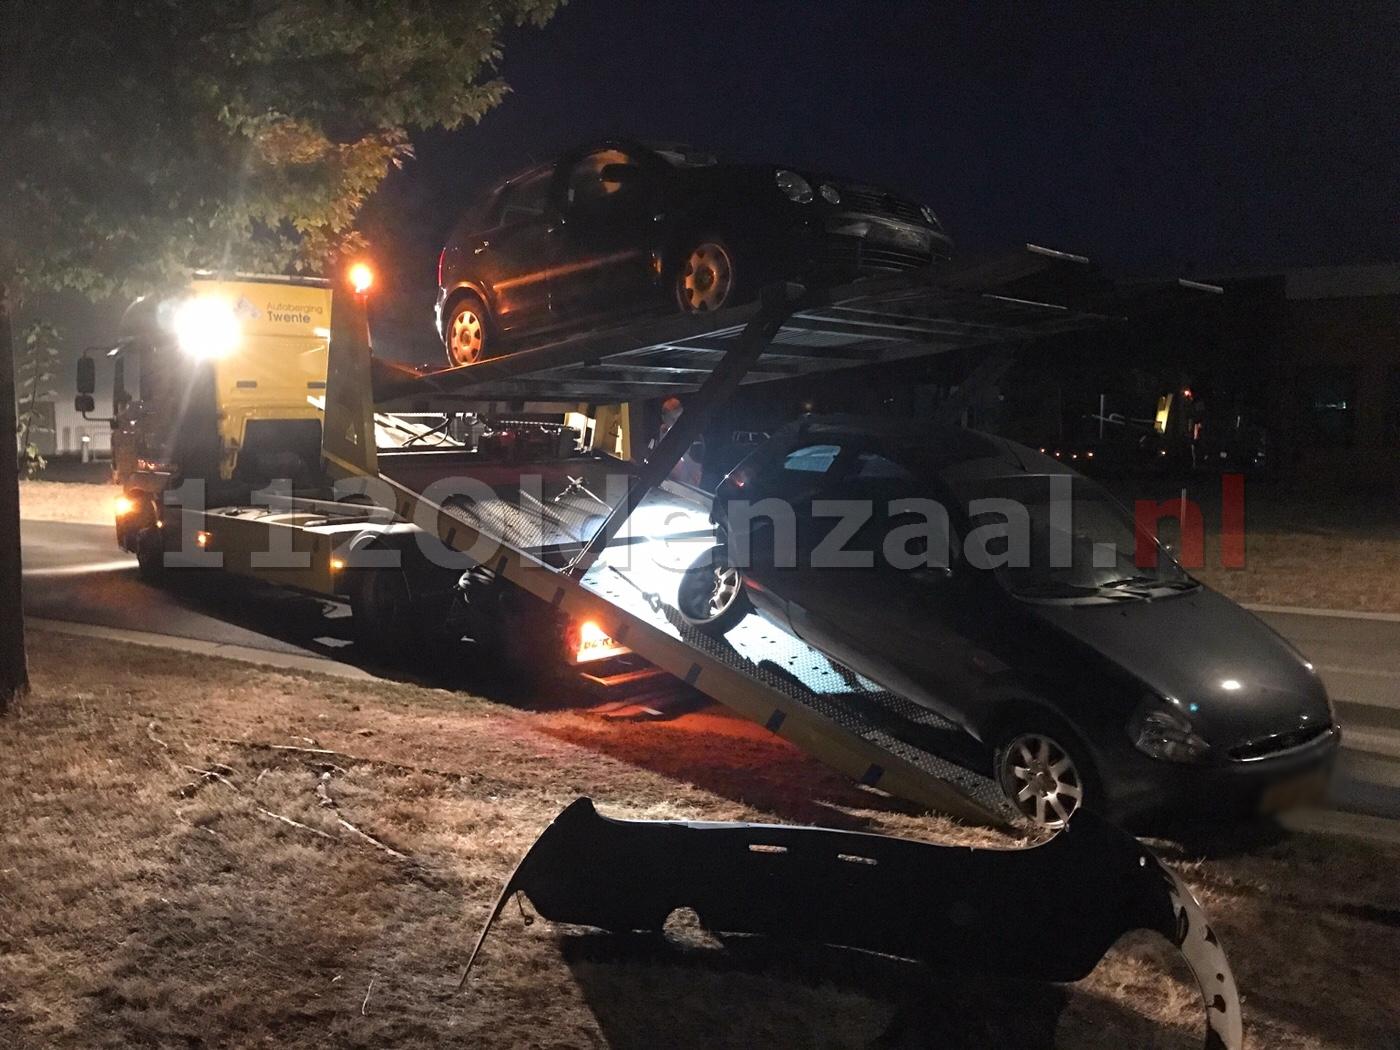 Twee auto's afgesleept na aanrijding op industrieterrein in Oldenzaal